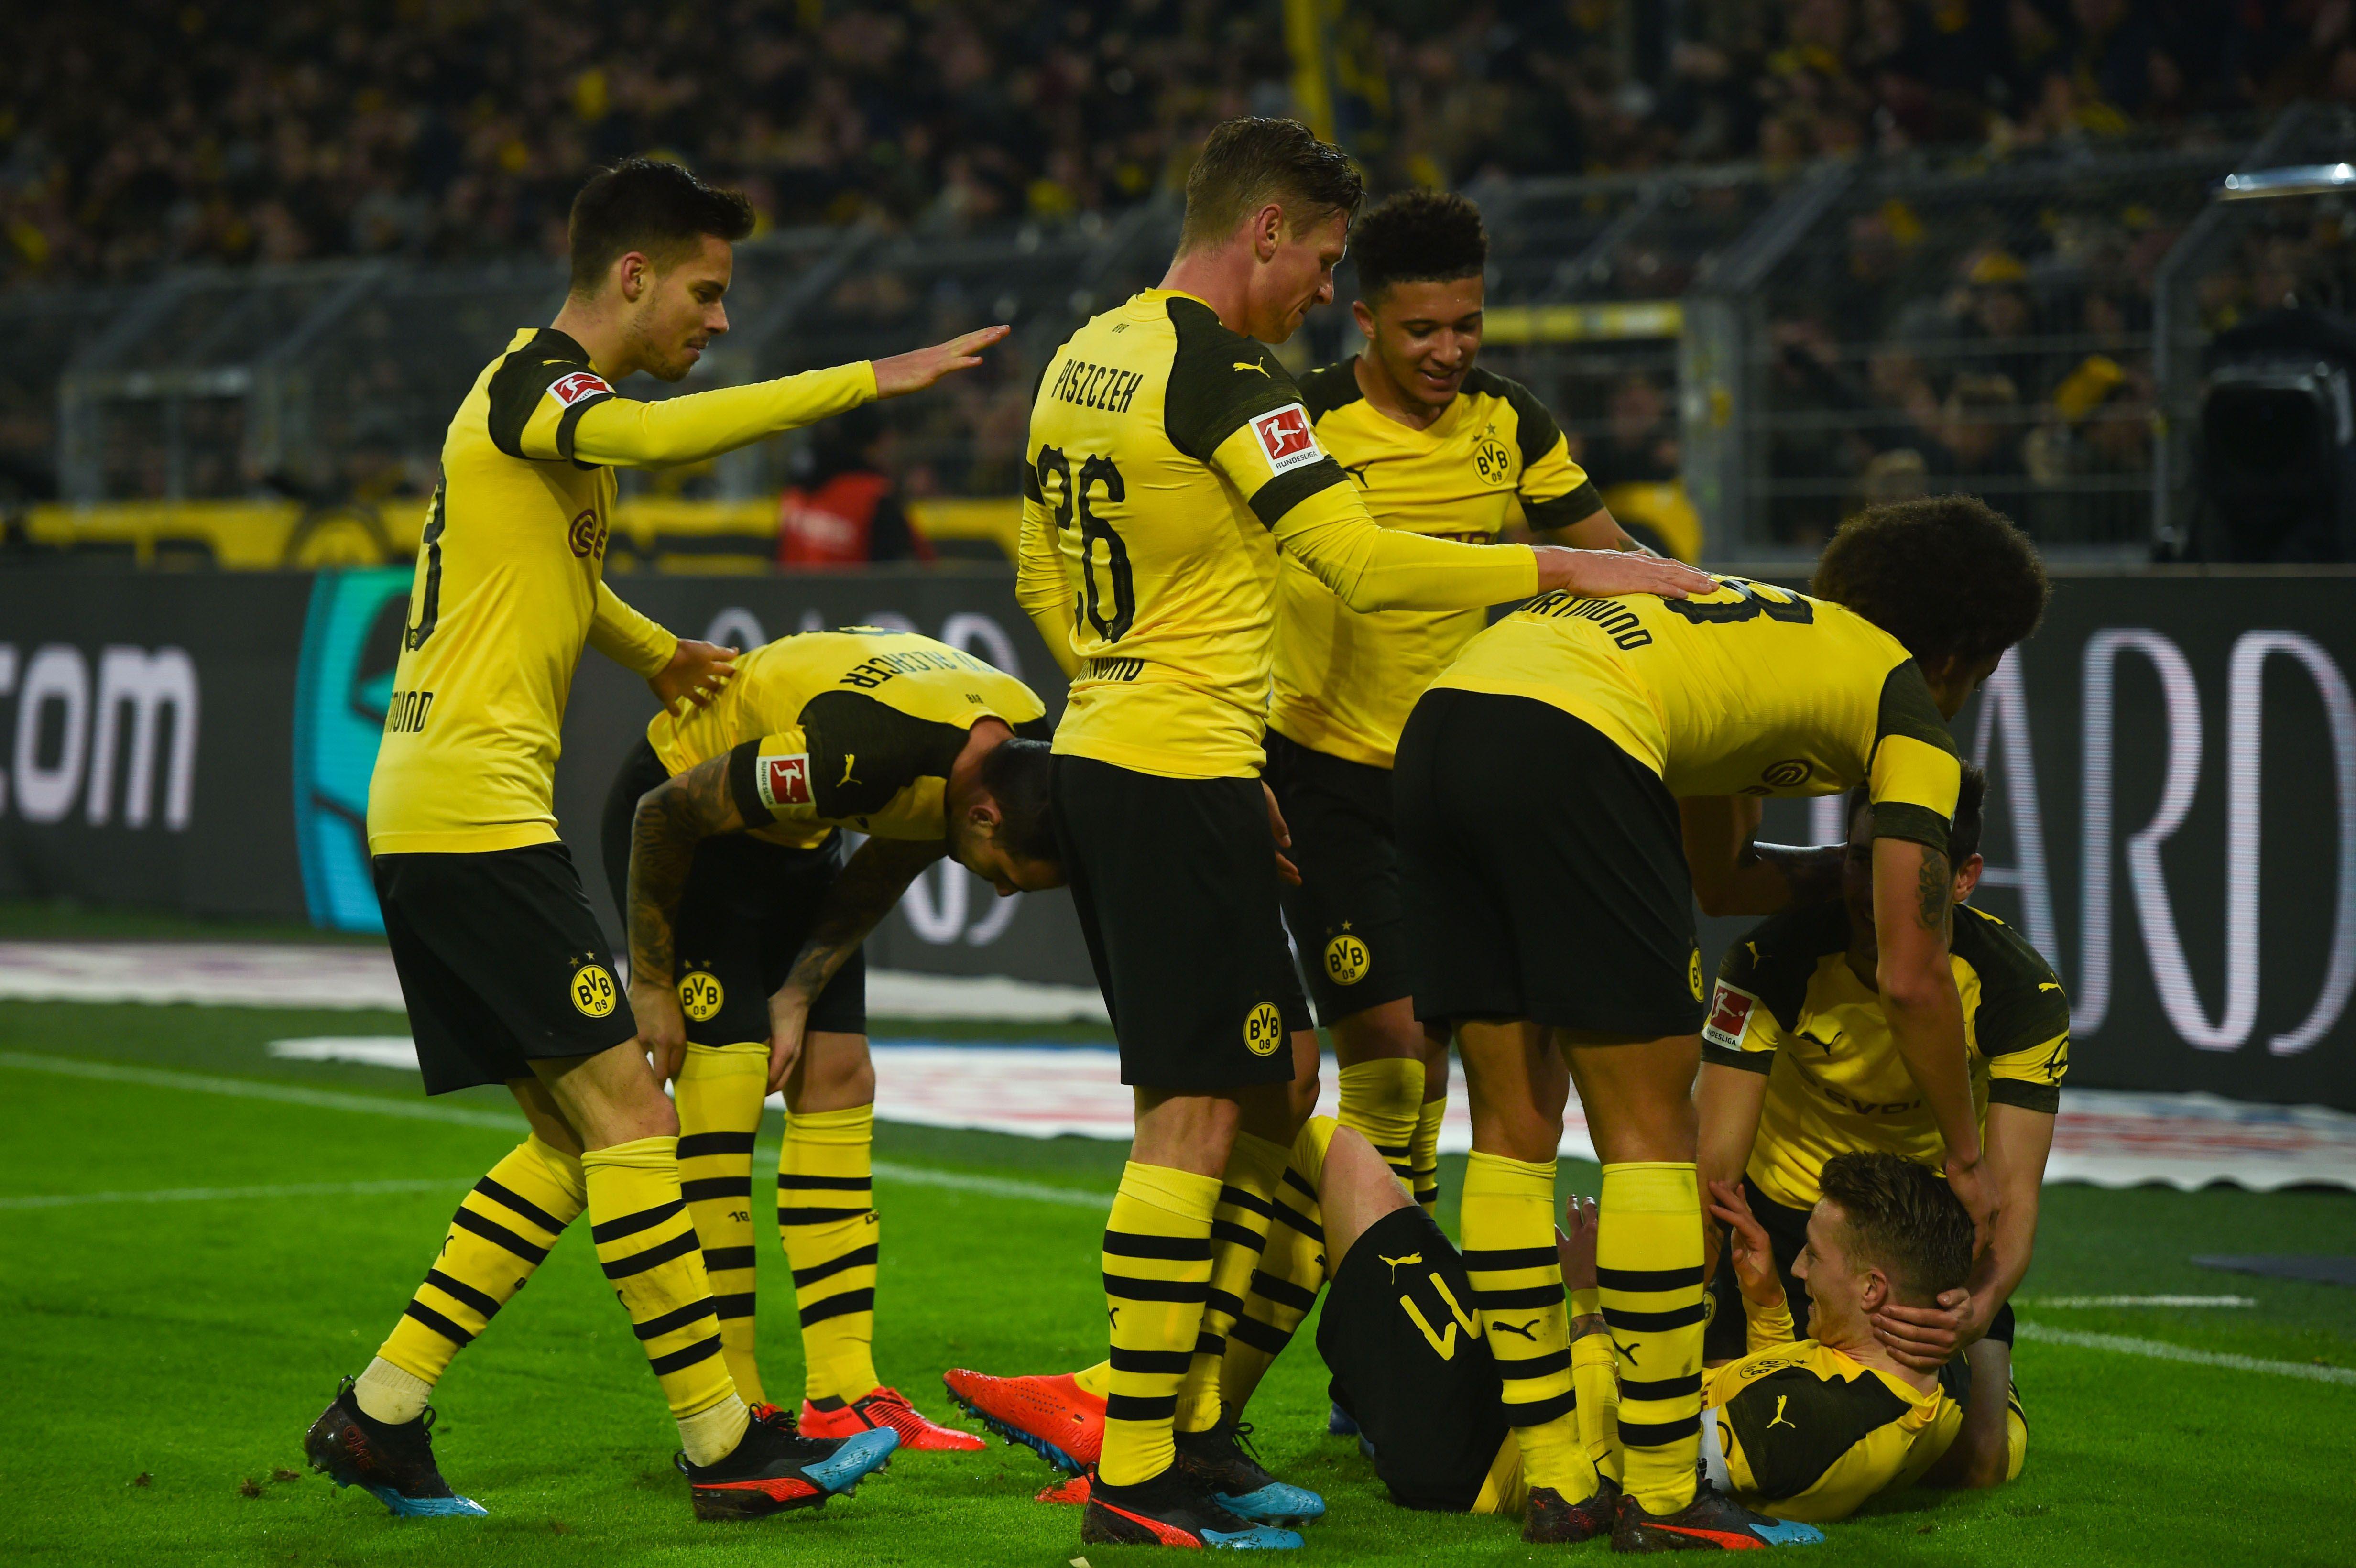 Los jugadores del Borussia Dortmund festejan contra el Hannover 96. (Foto Prensa Libre: AFP)